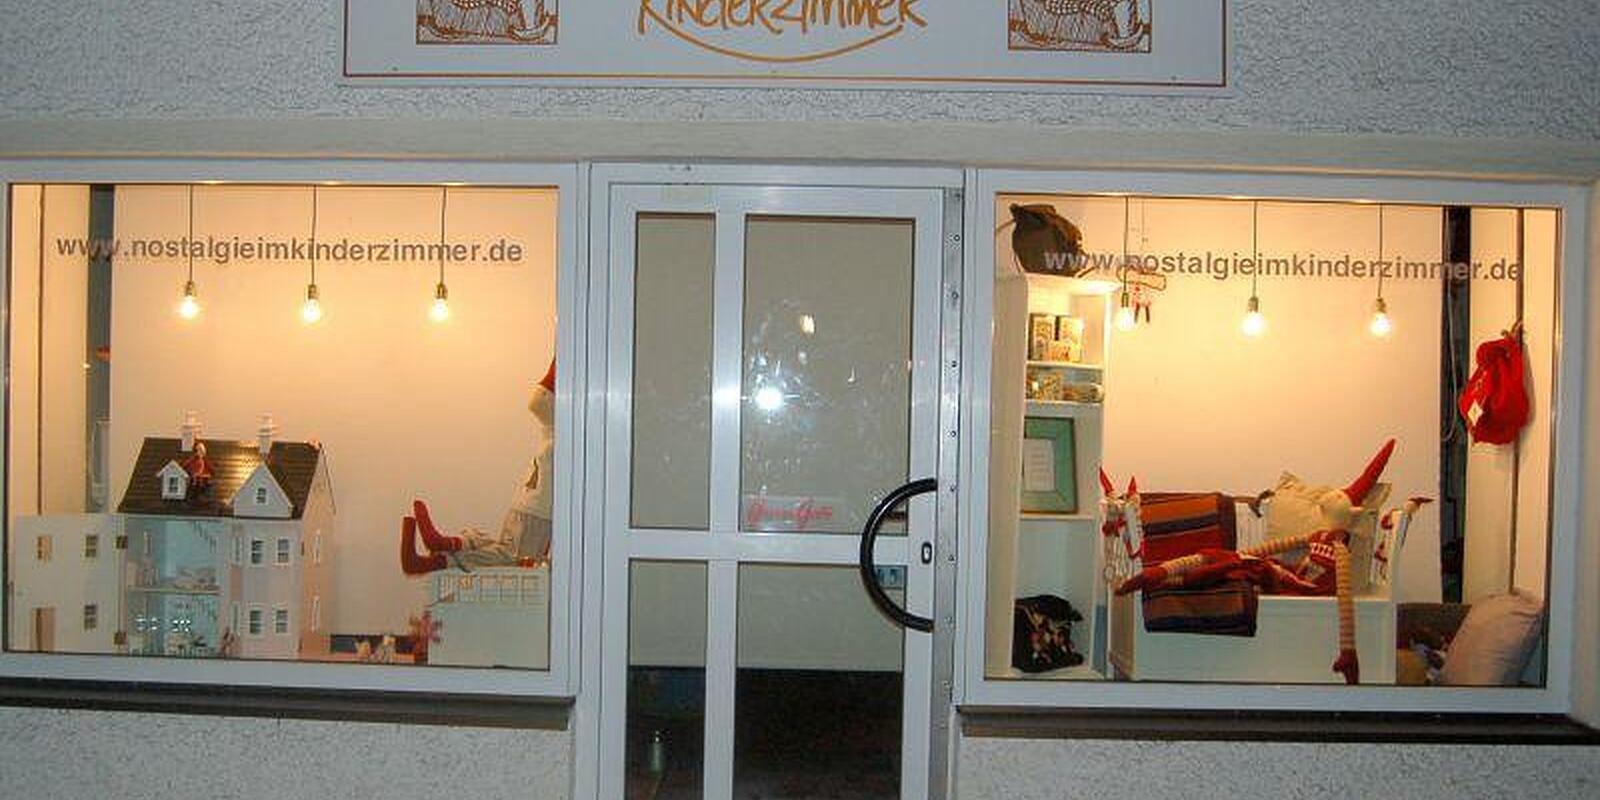 Nostalgie im kinderzimmer herrenchiemseestr ramersdorf for Kinderzimmer einrichtung shop